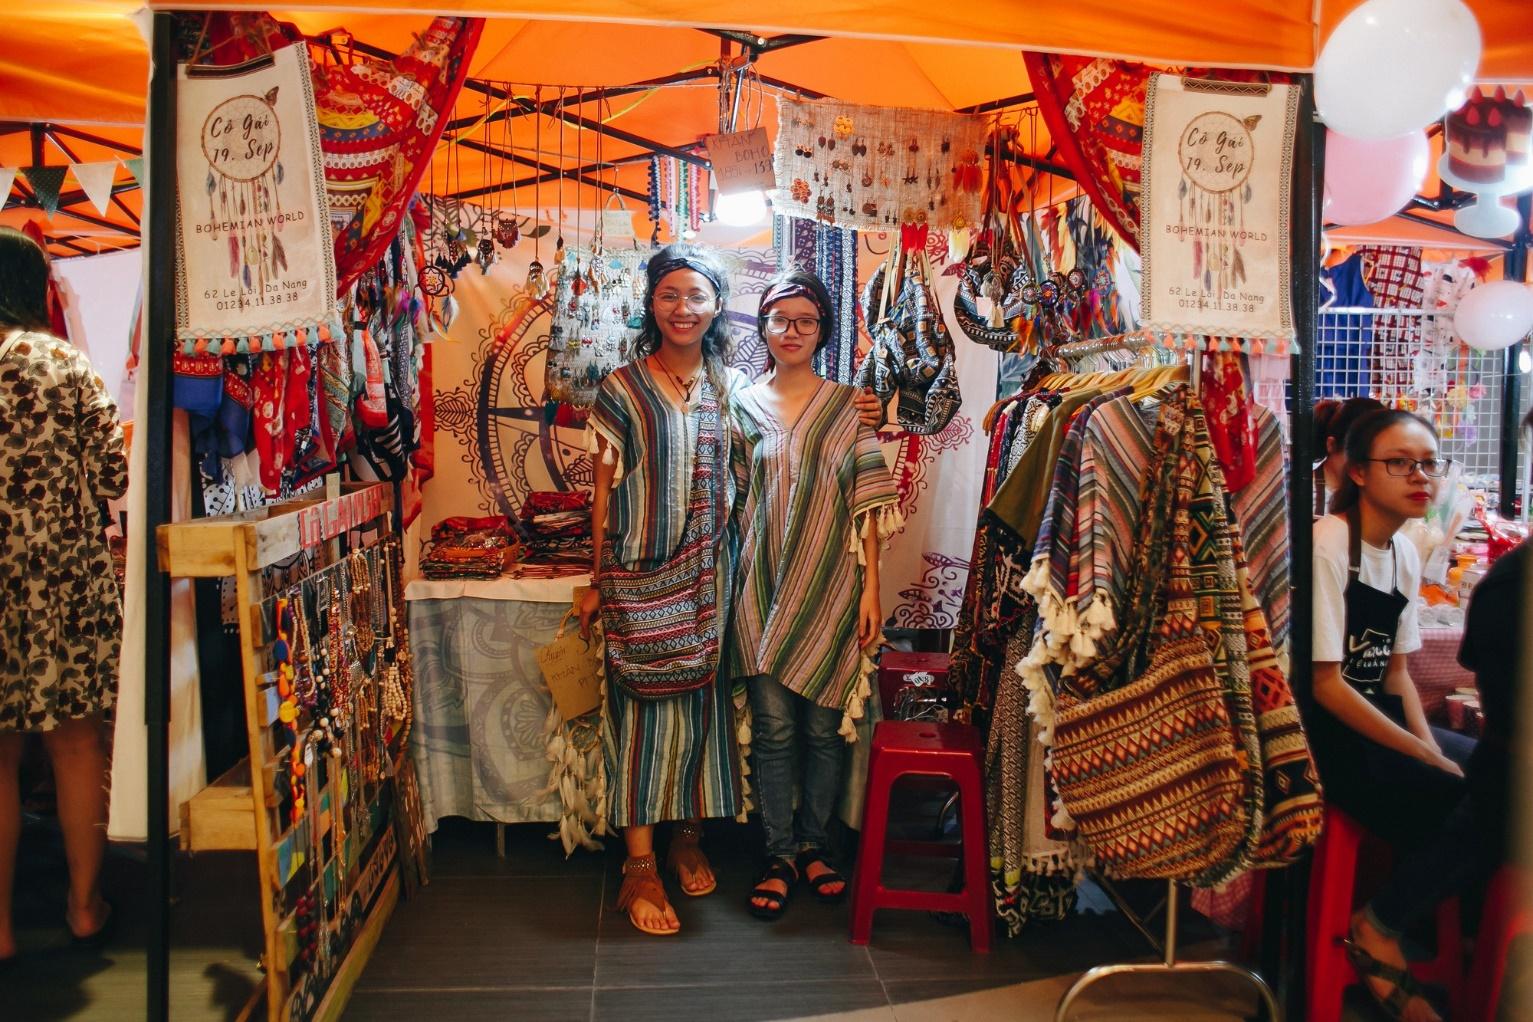 Lâu lắm rồi, Đà Nẵng mới có một chợ phiên khiến giới trẻ chờ mong đến thế này! - Ảnh 4.